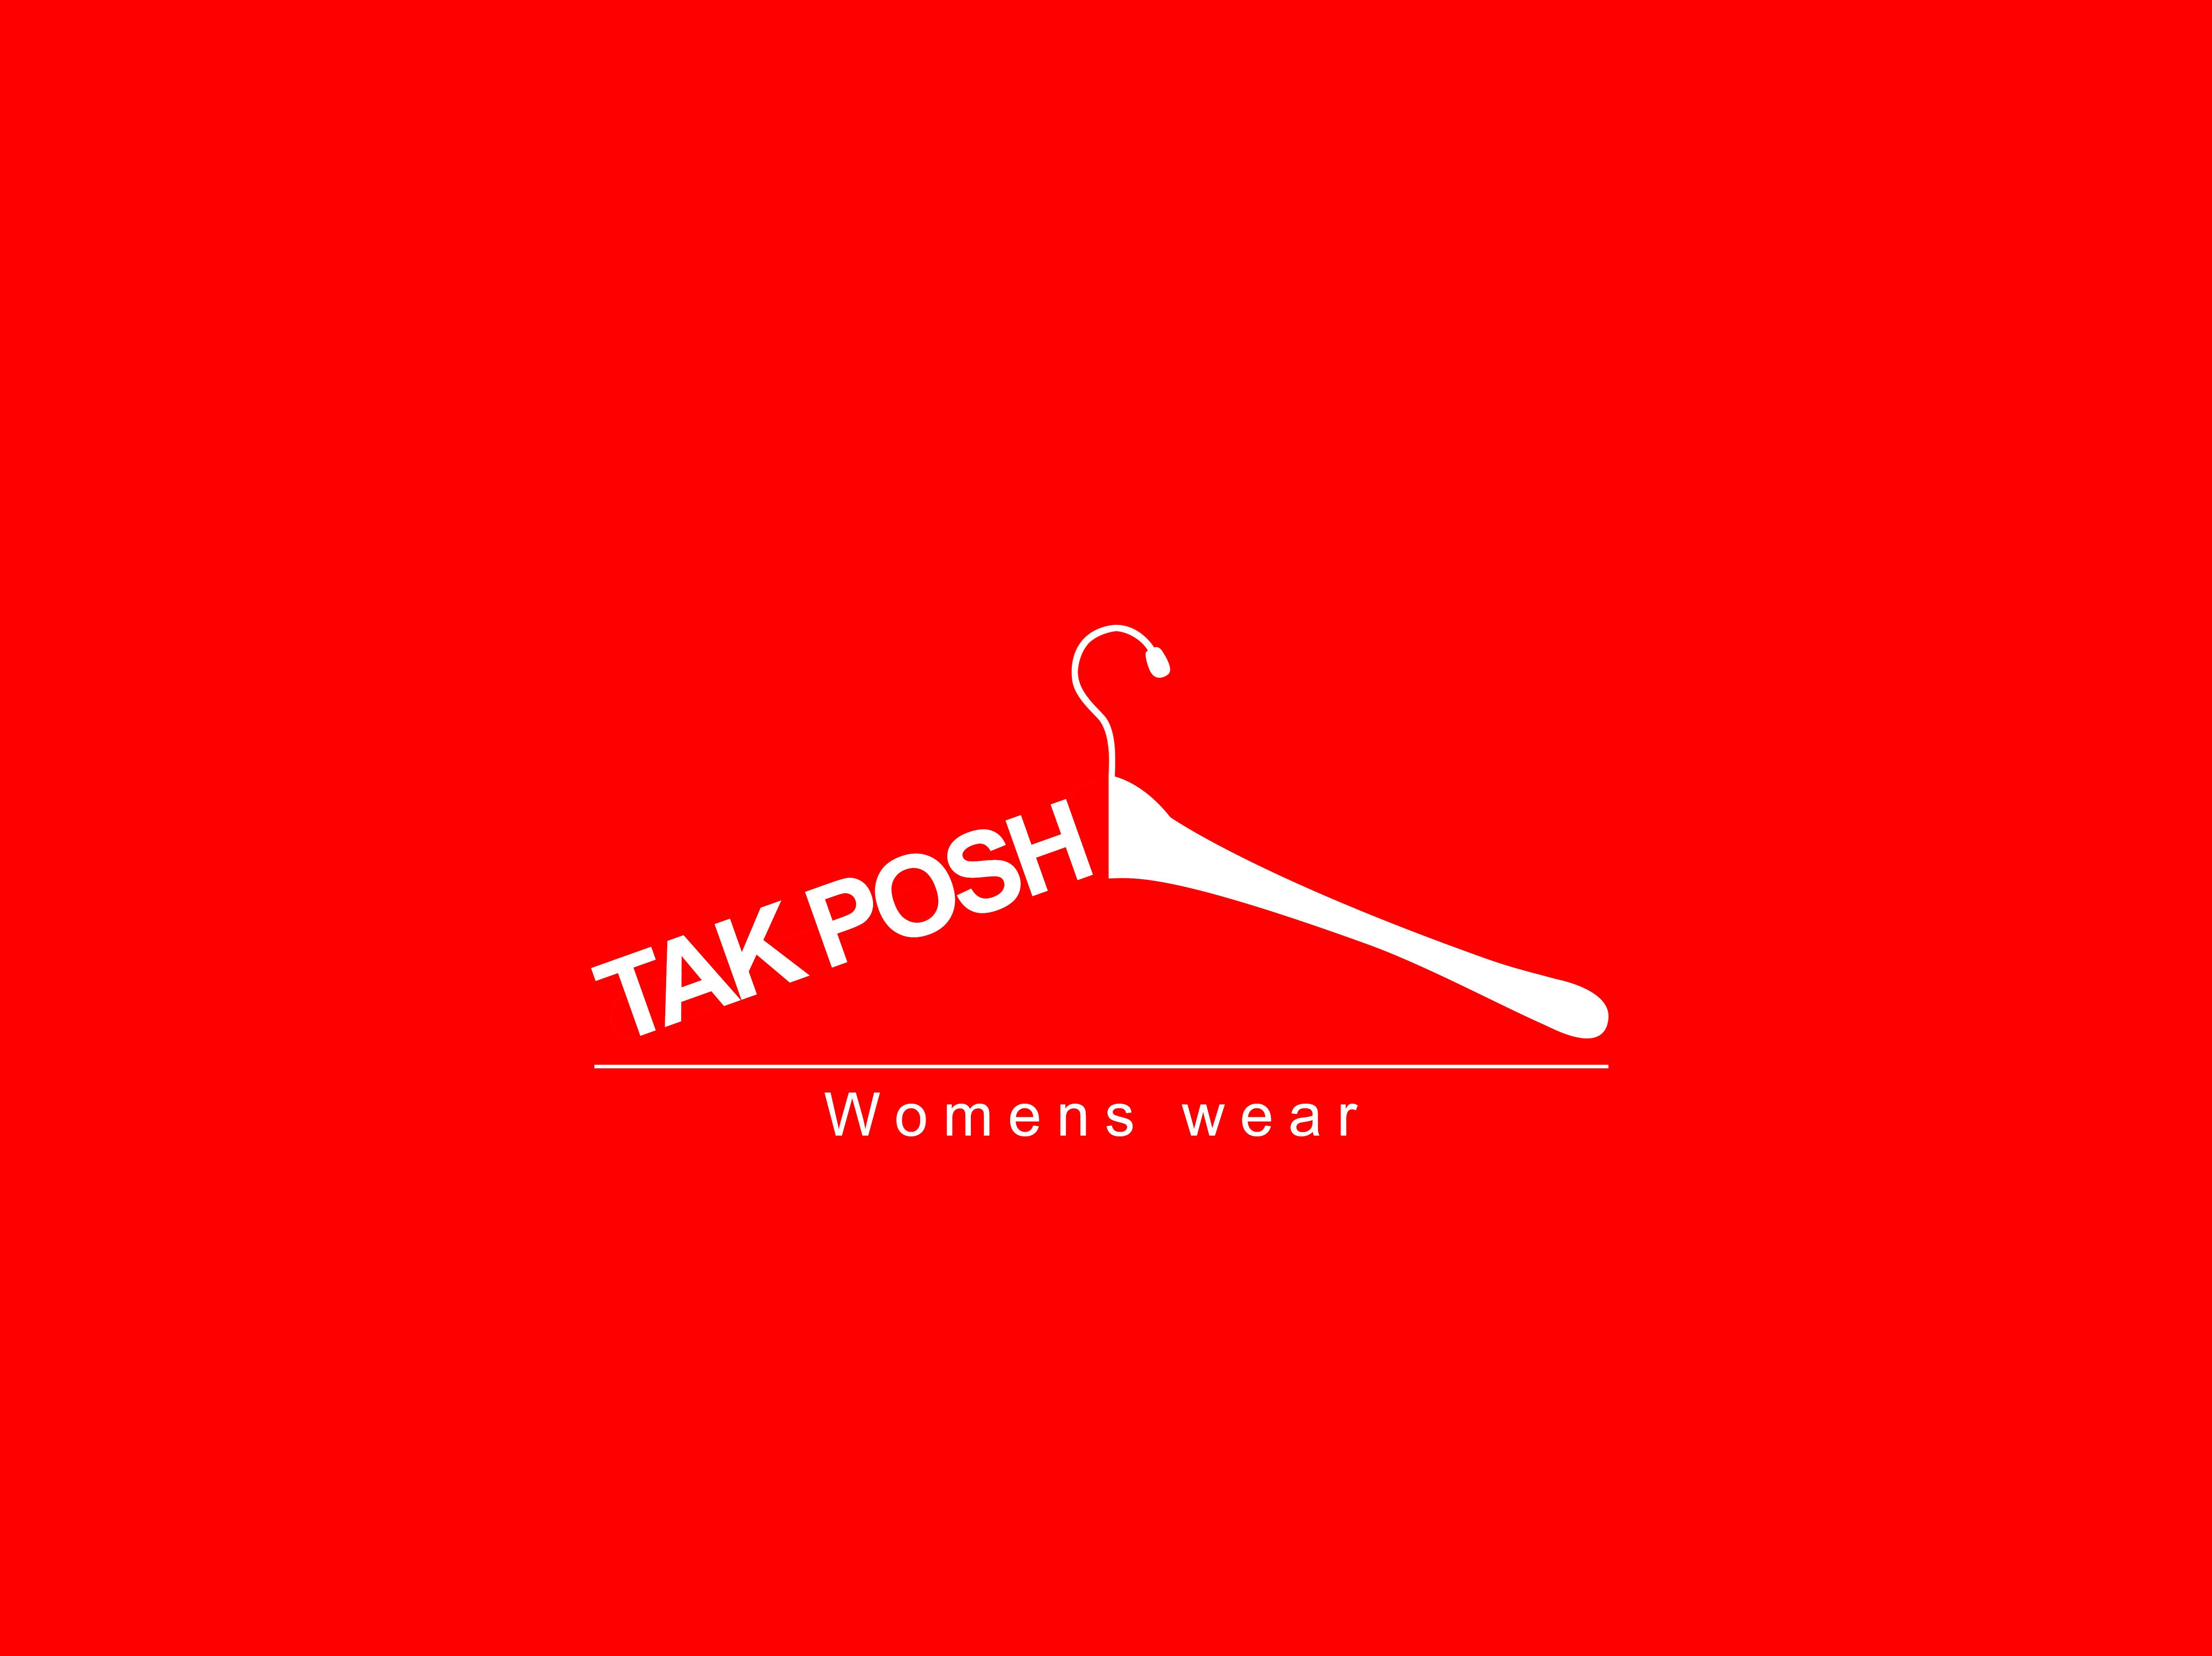 فروش عمده و تکی لباس زنانه و دخترانه